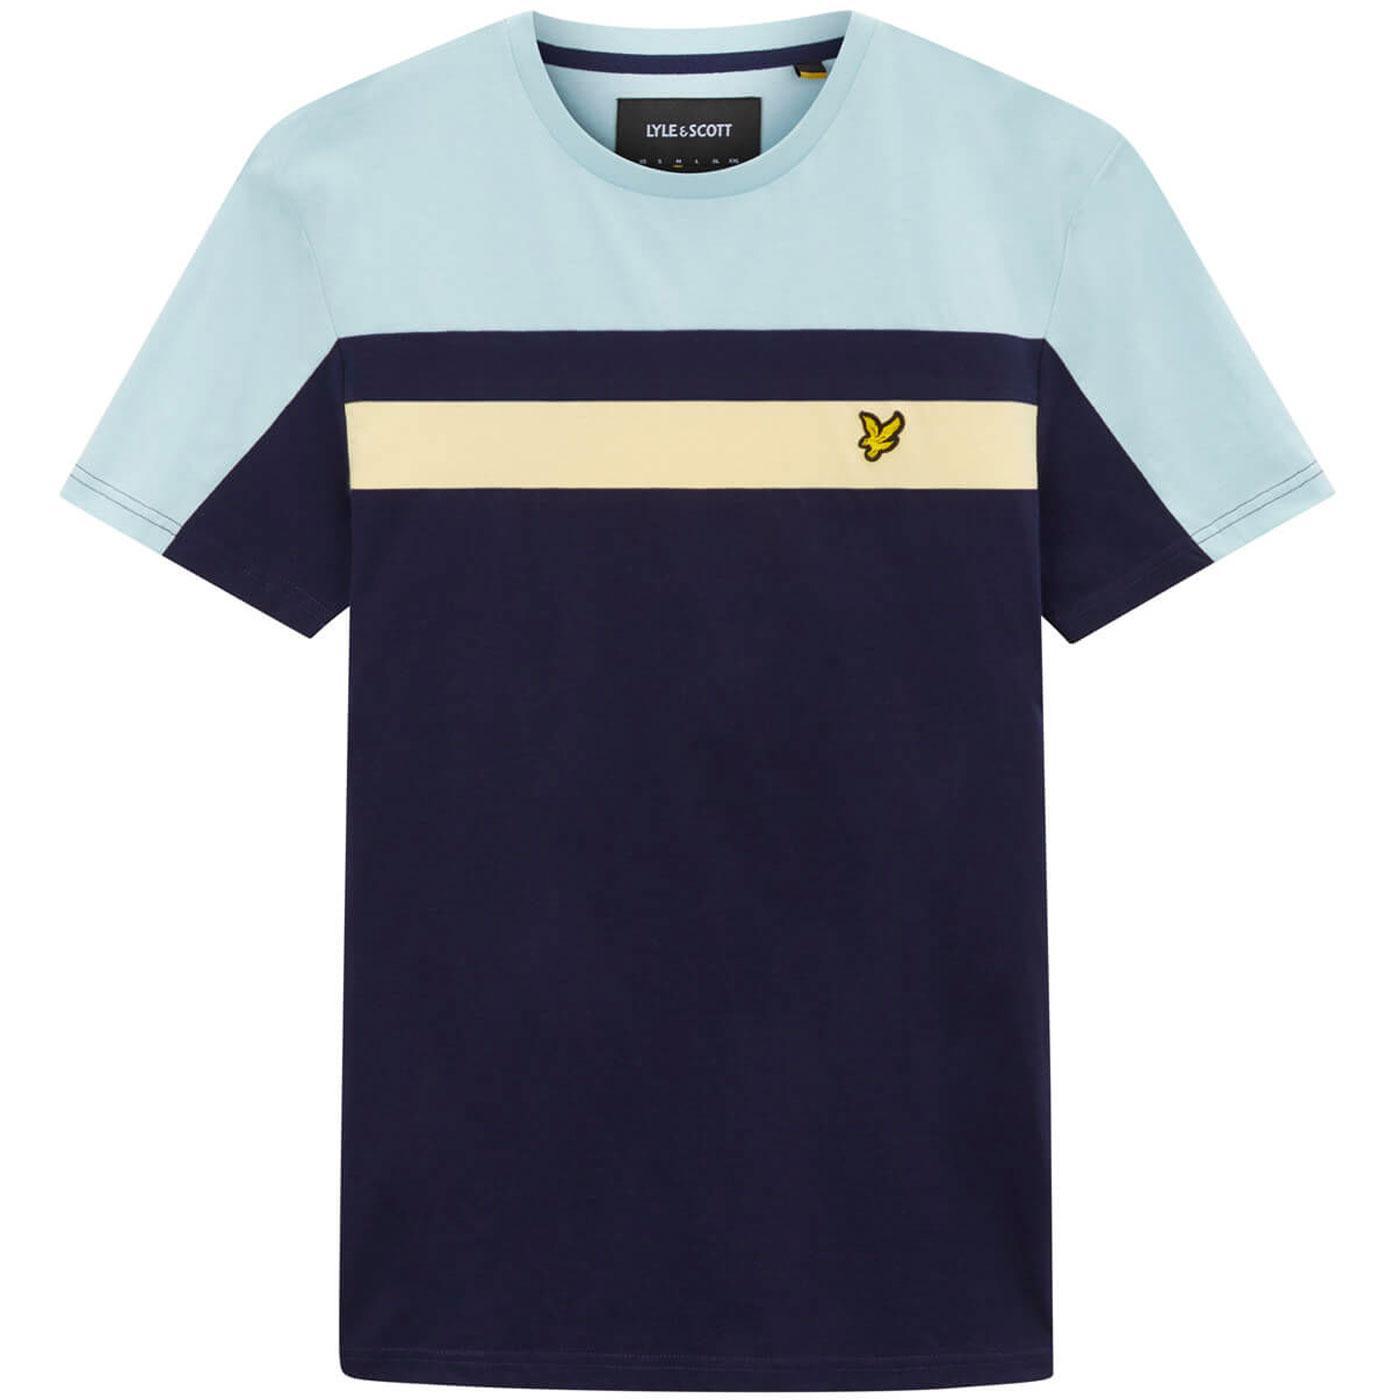 LYLE & SCOTT Mens Retro Colour Block T-shirt NAVY